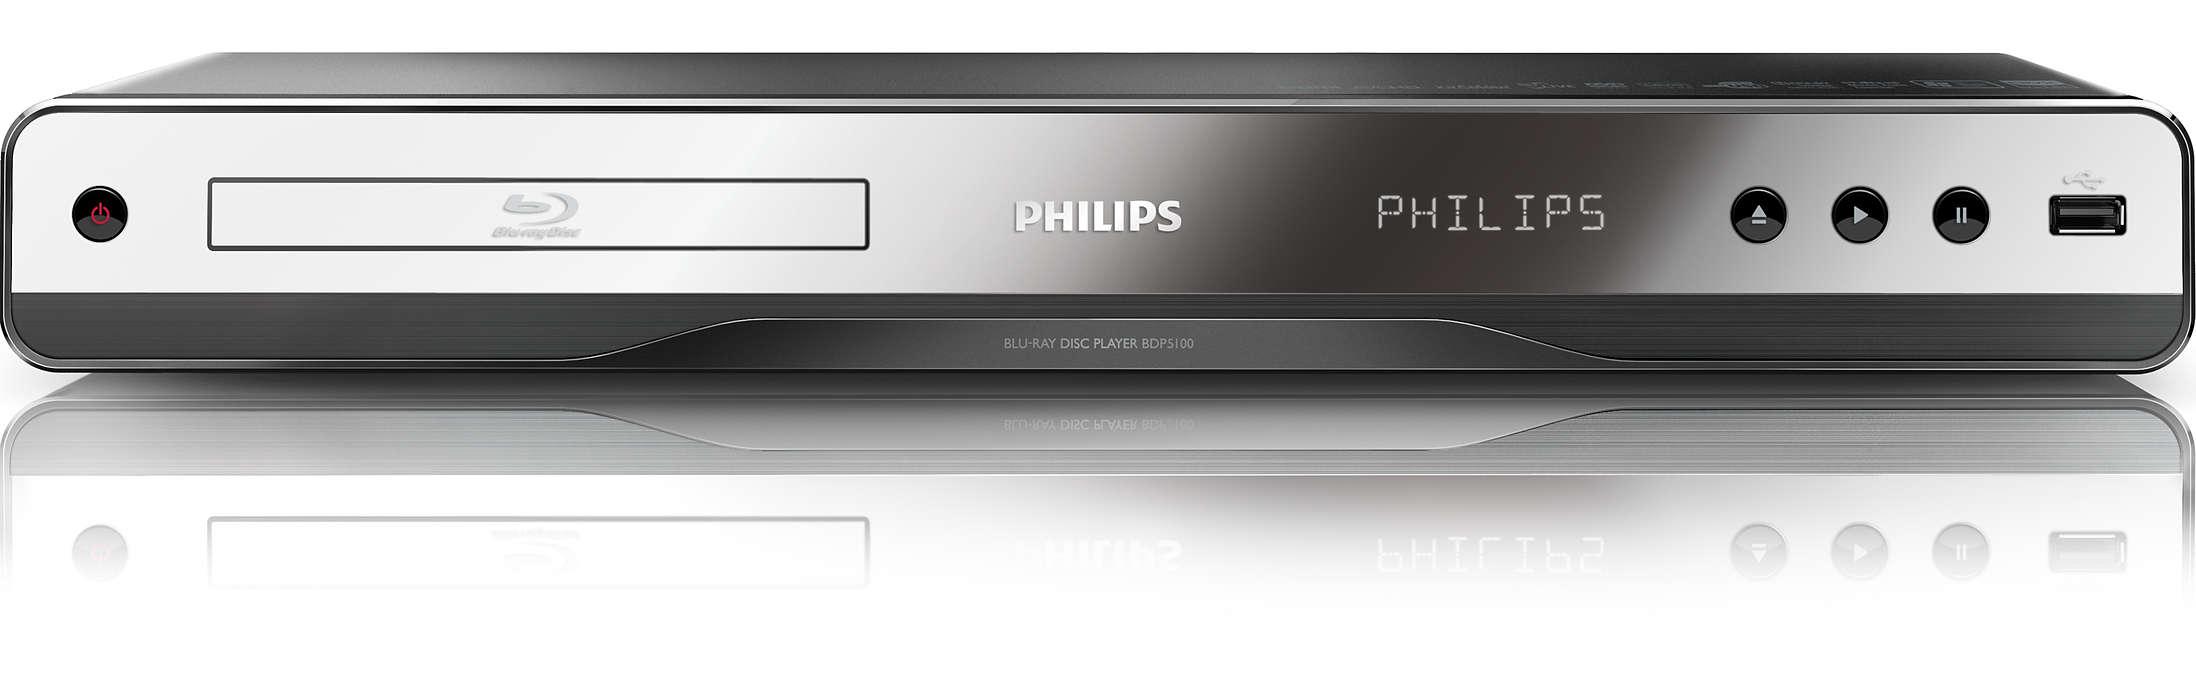 Optimaal genieten van Blu-ray en uw favoriete PC-video's.